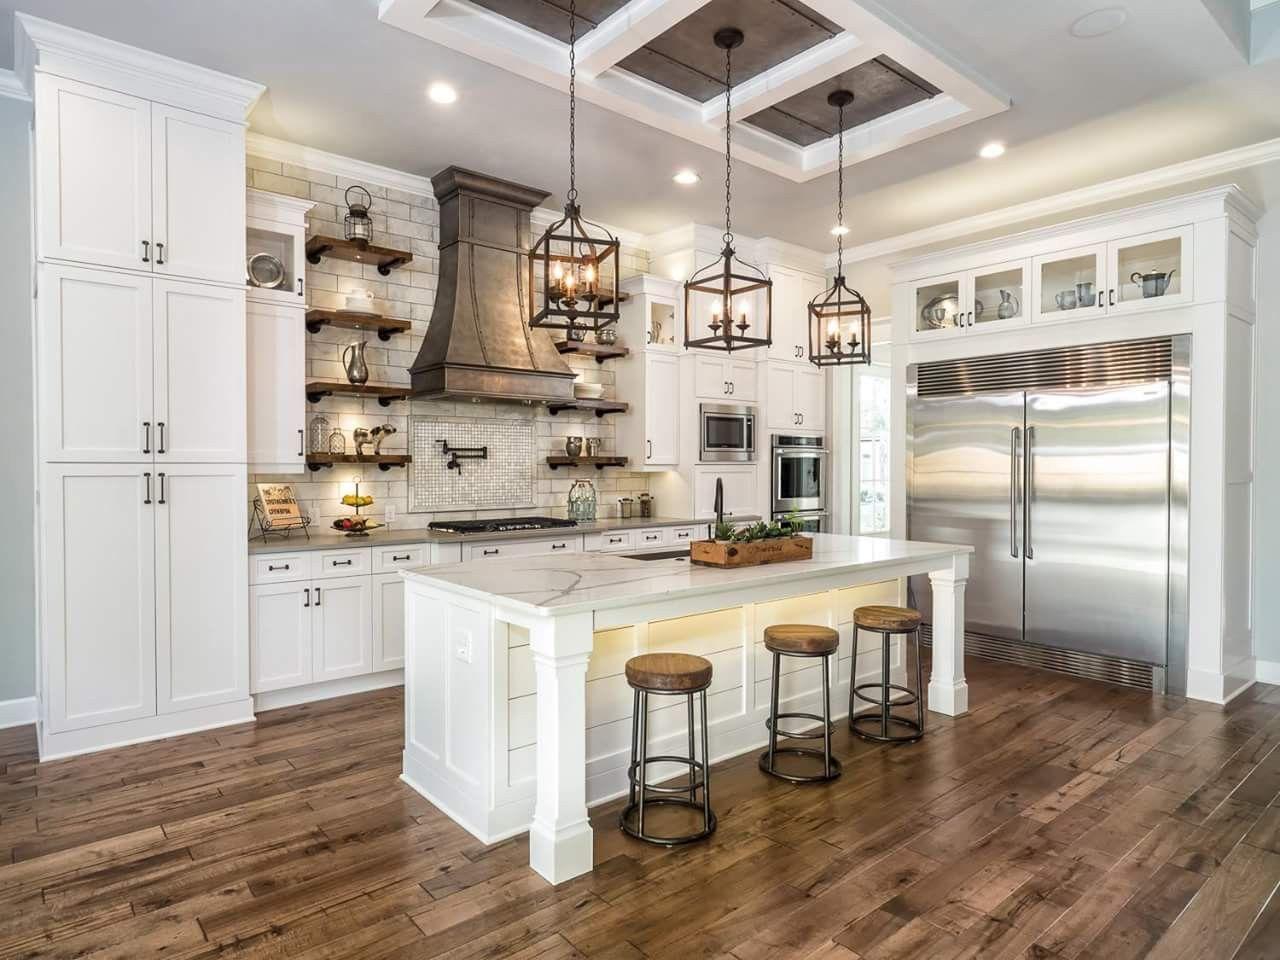 farmhouse kitchen floor tile farmhousekitchen farmhouseideas home kitchens beach kitchen on farmhouse kitchen flooring id=72661